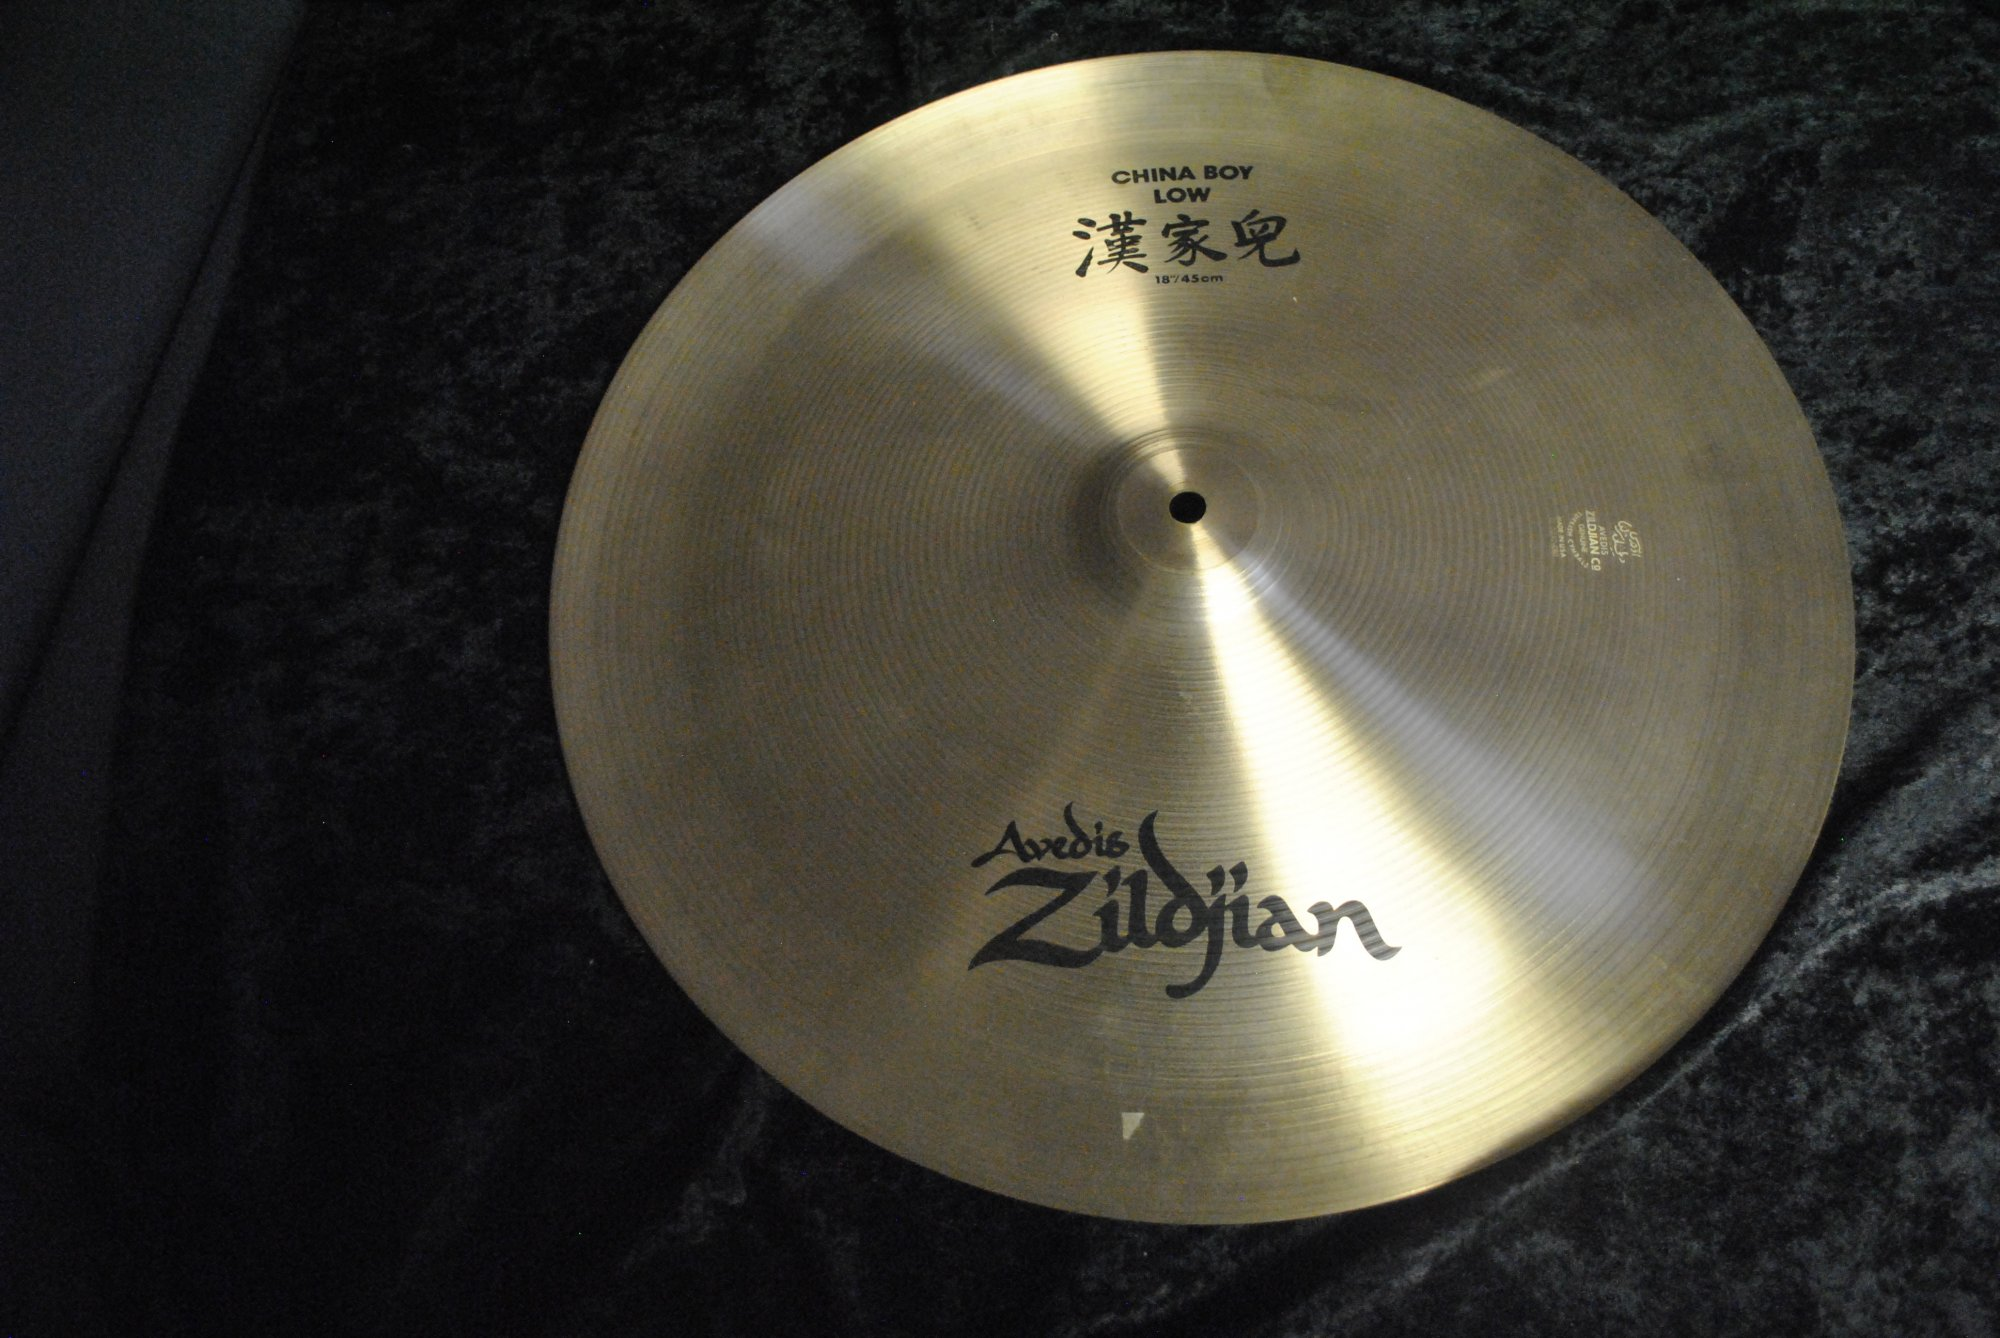 Zildjian Cymbal, 18 China Boy Low